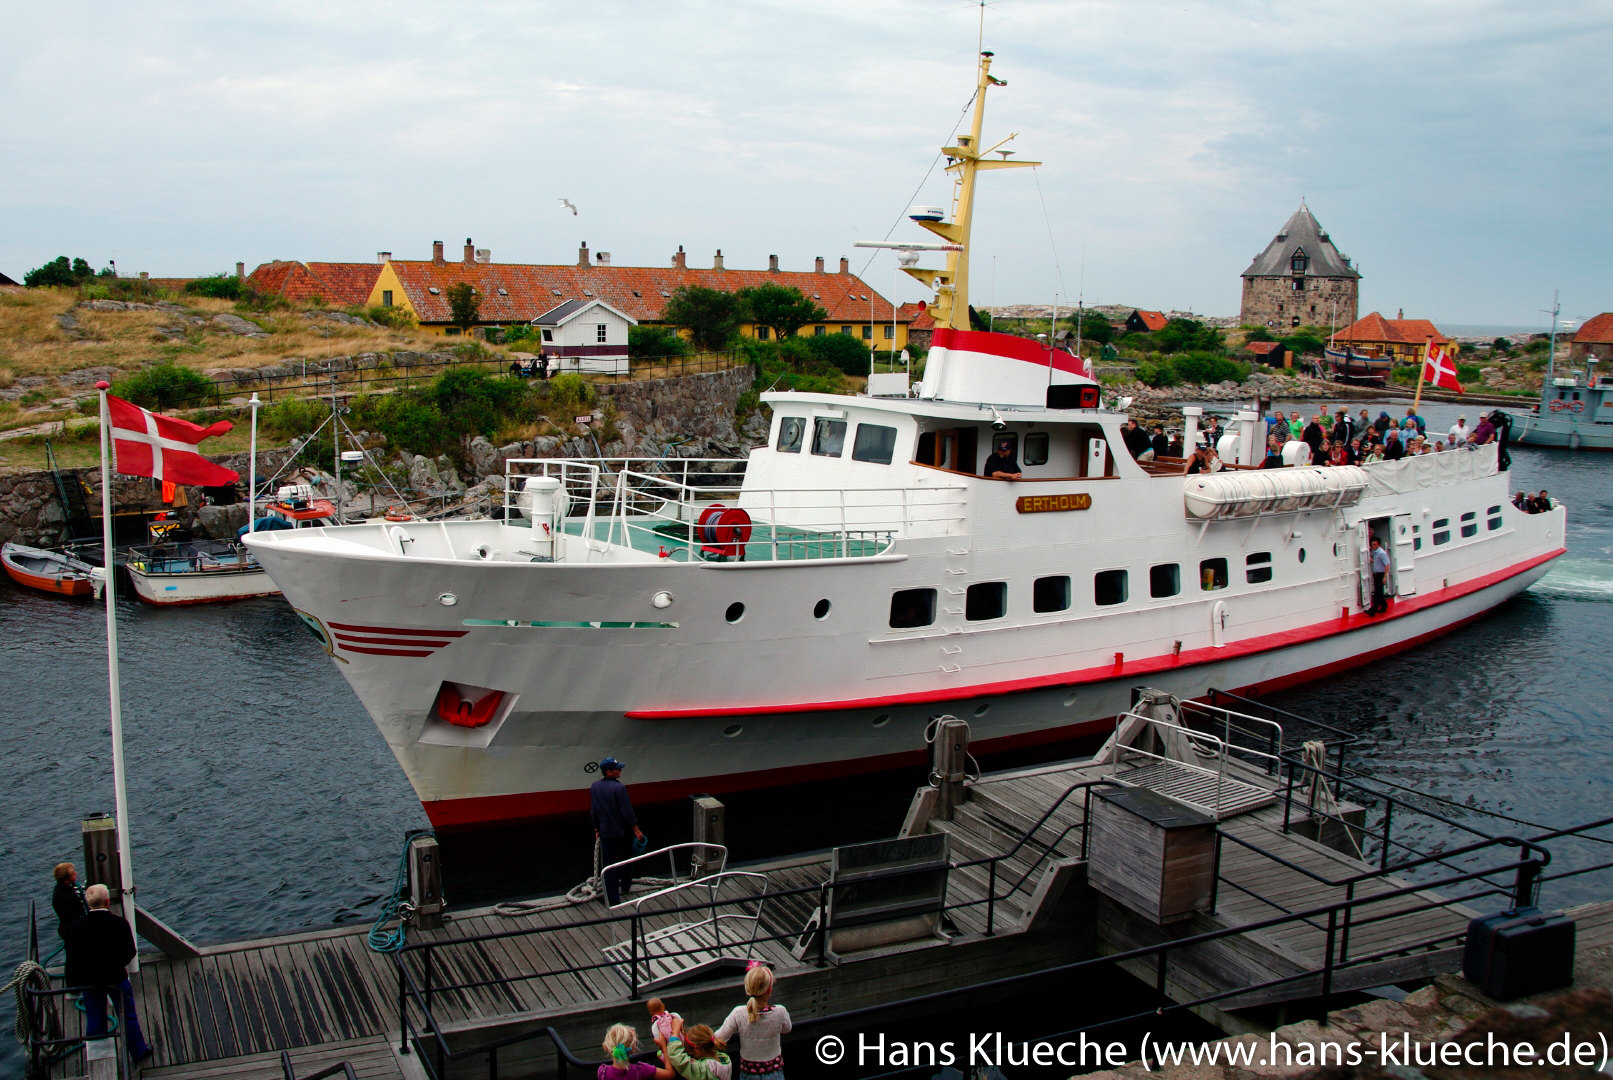 Im Sommer kommt täglich mehrmals das Ausflugsschiff Ertholm vom Bornholmer Festland zur Inselgruppe Ertholmene.